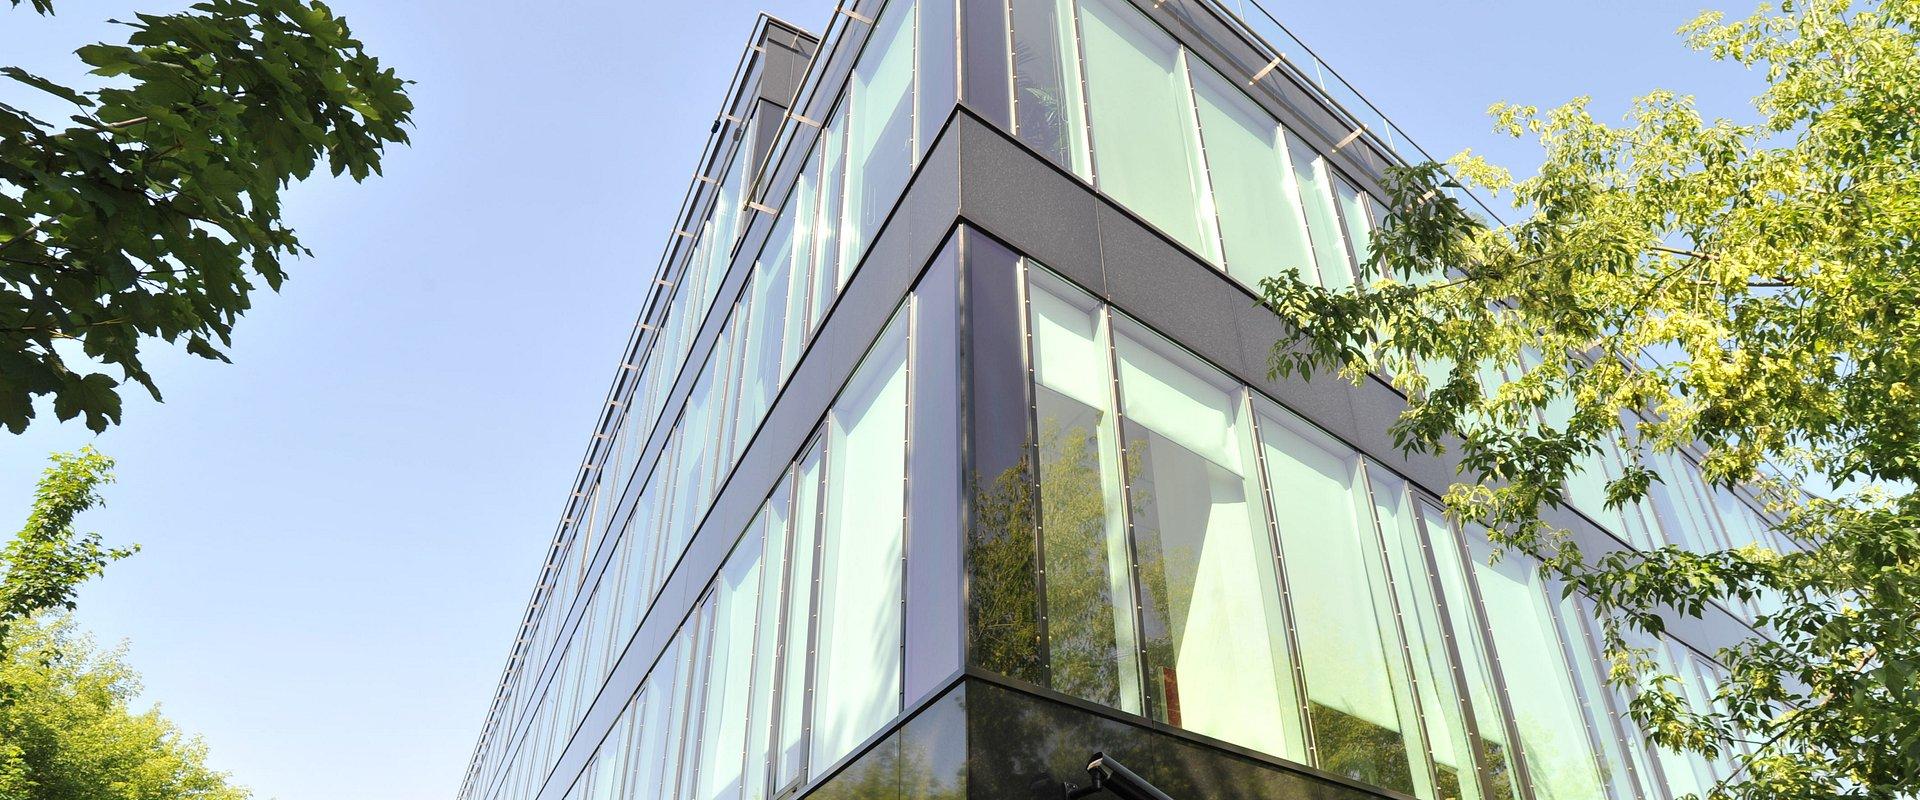 Diamante Plaza wynajęte w 100% przez BNP Paribas Real Estate